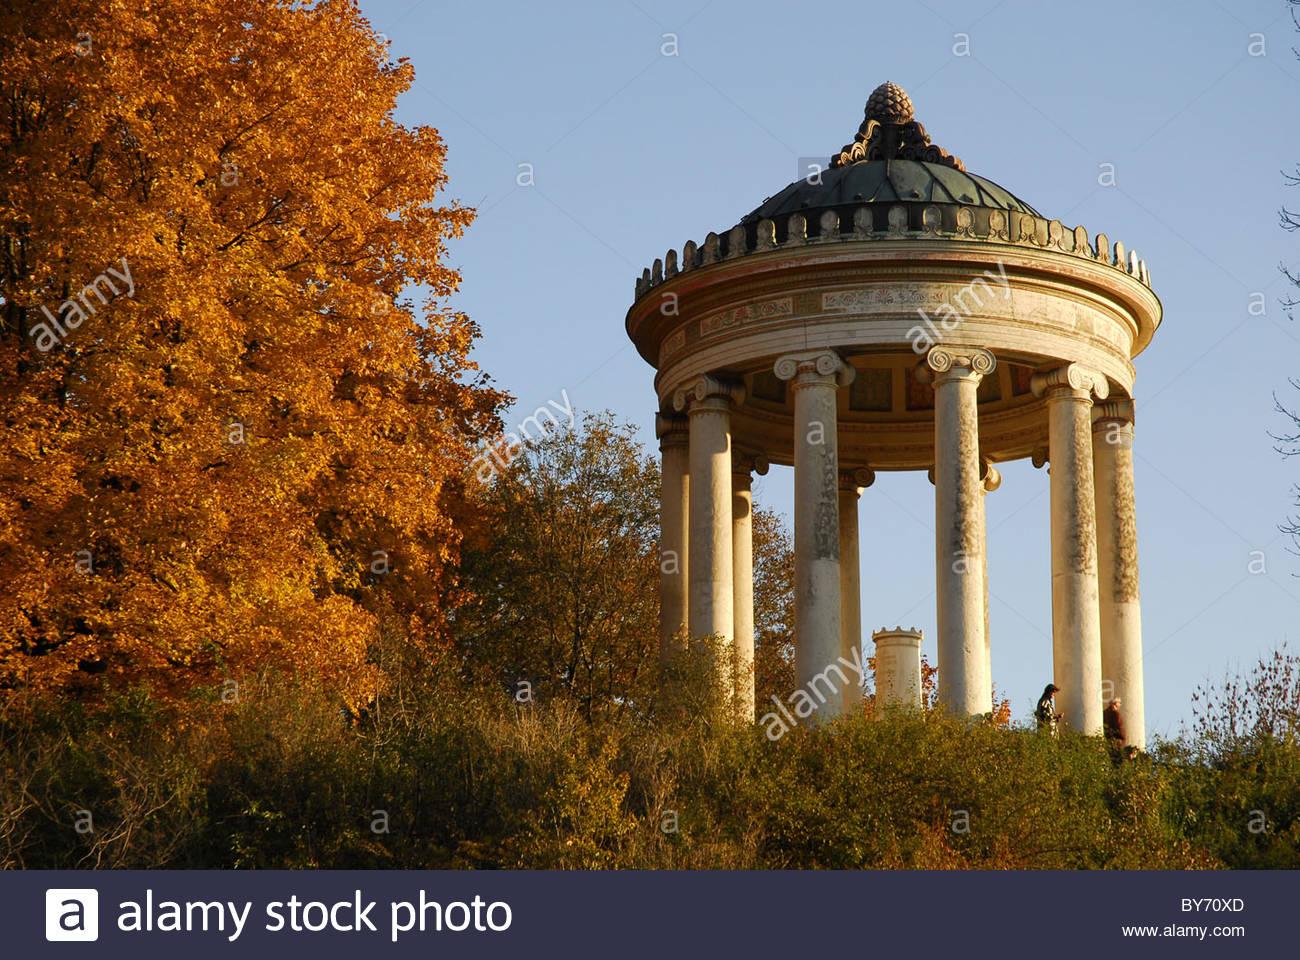 Monopteros Temple In The Englischer Garten Park In Autumn Munich